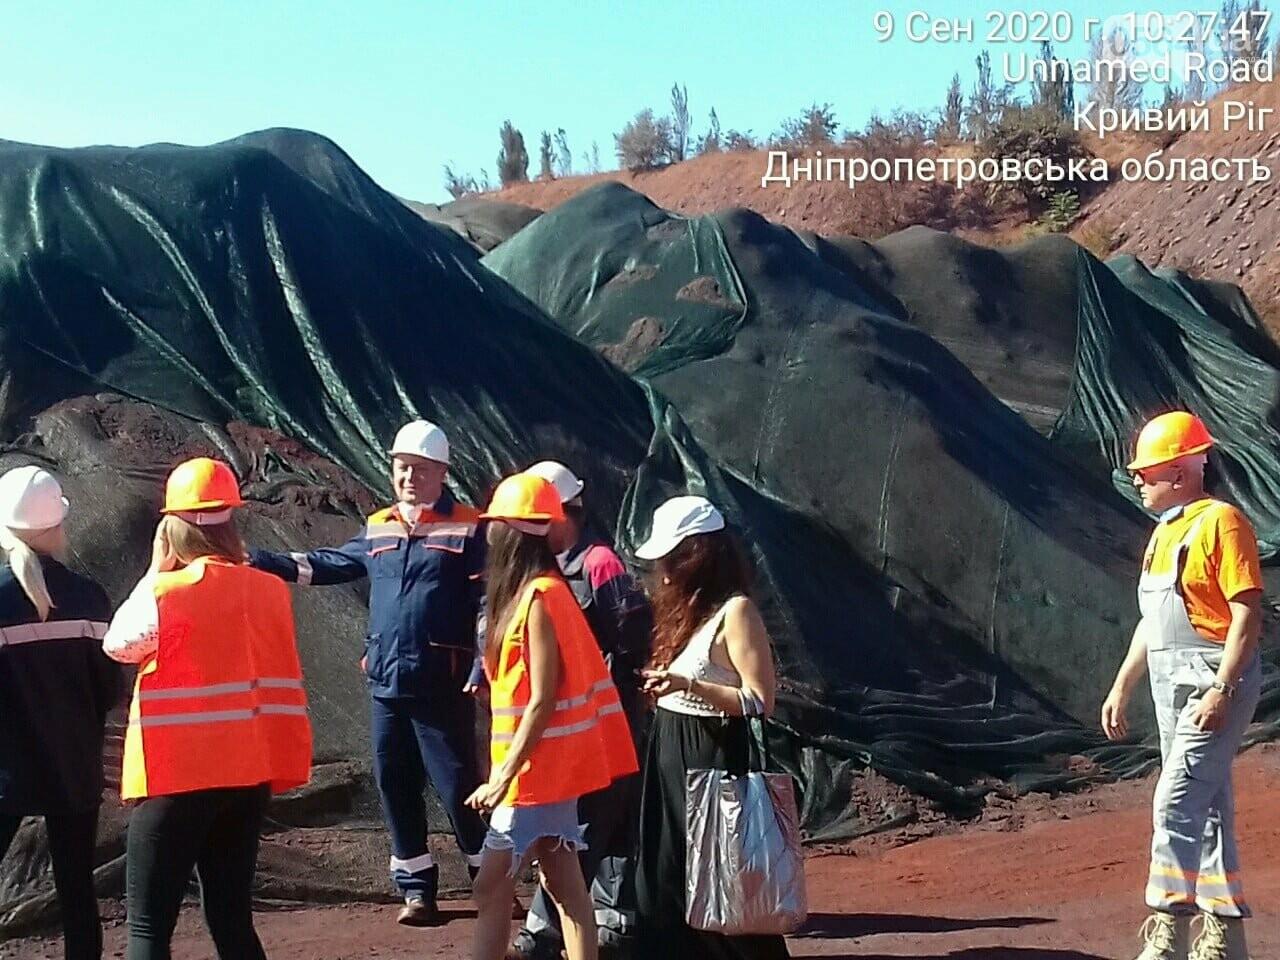 Криворожские экологи обнаружили мусорные свалки на территории промышленных площадок предприятия, - ФОТО , фото-3